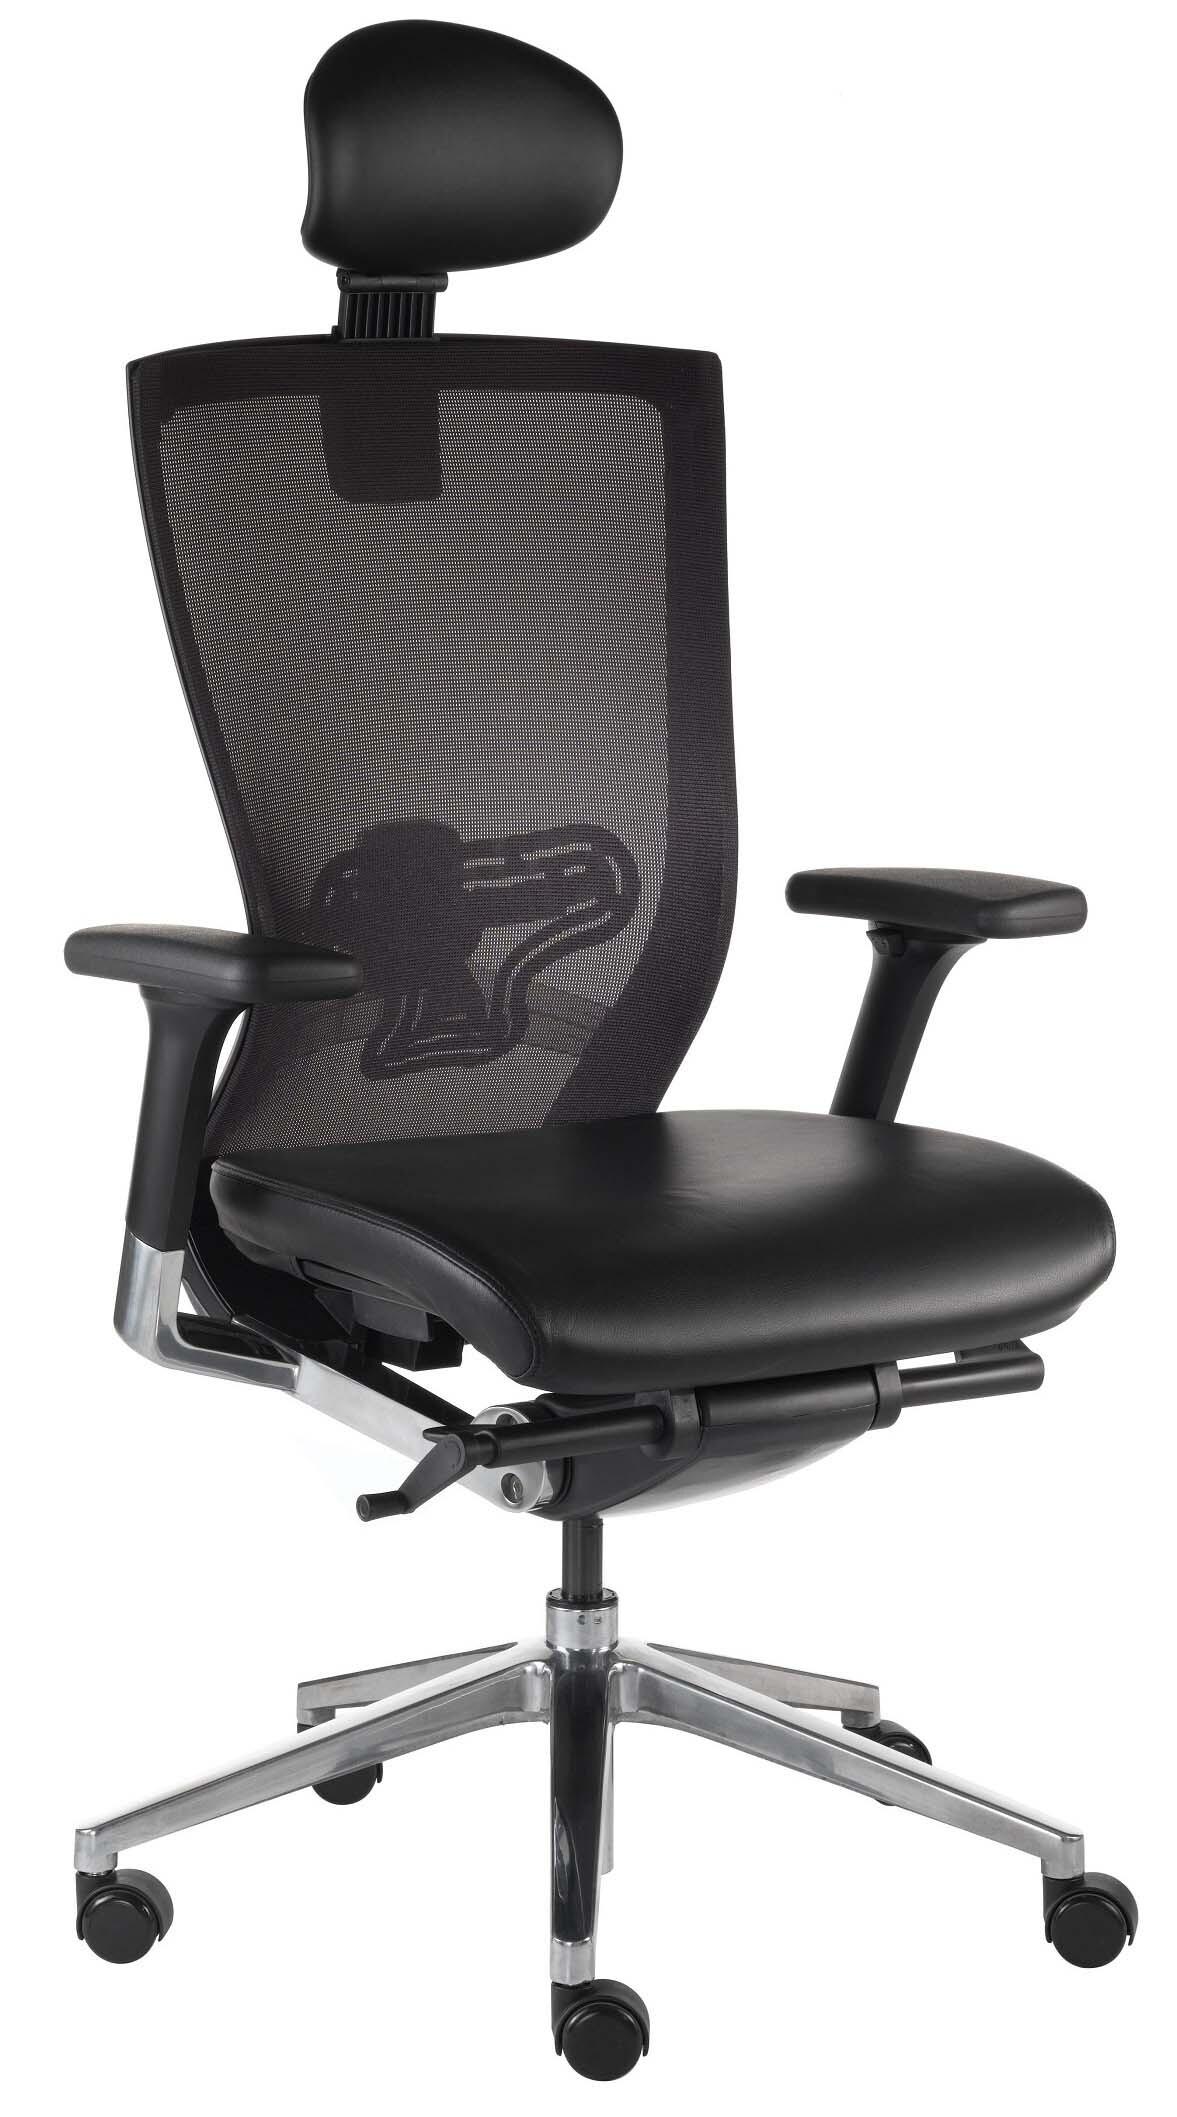 1497282146-x-chair-1.jpg